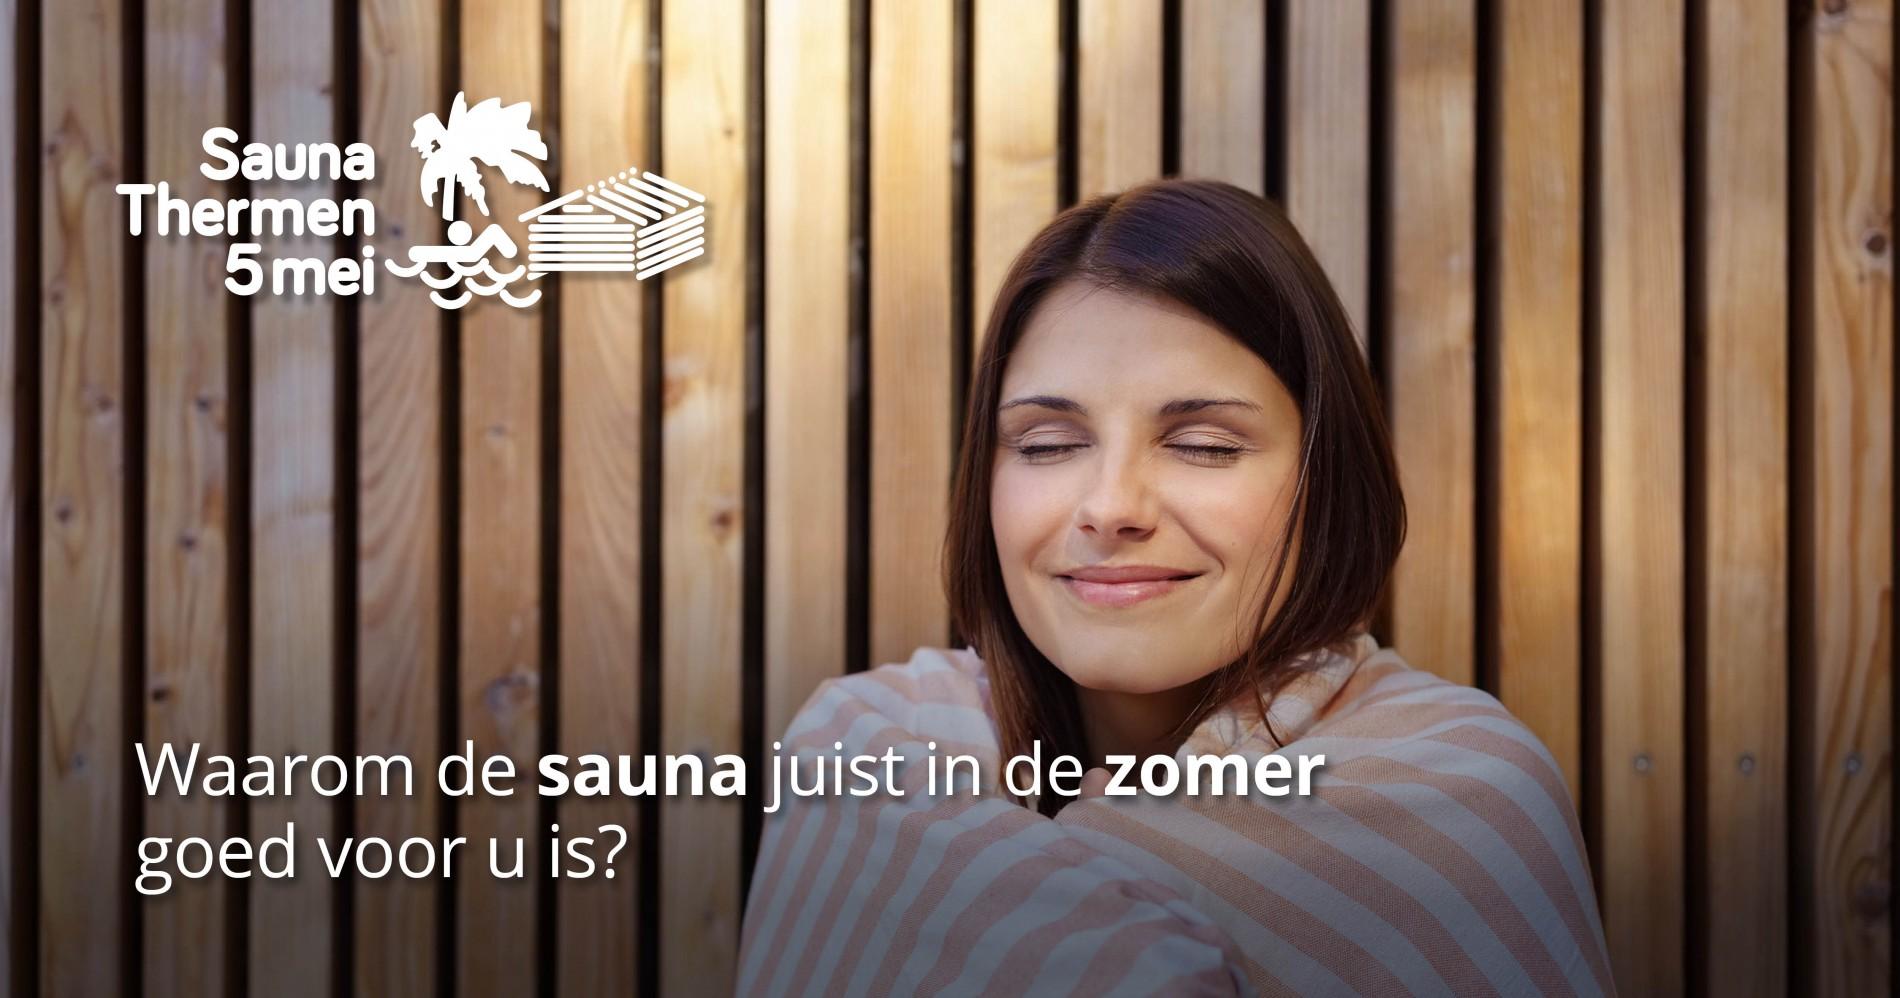 Sauna in de zomer